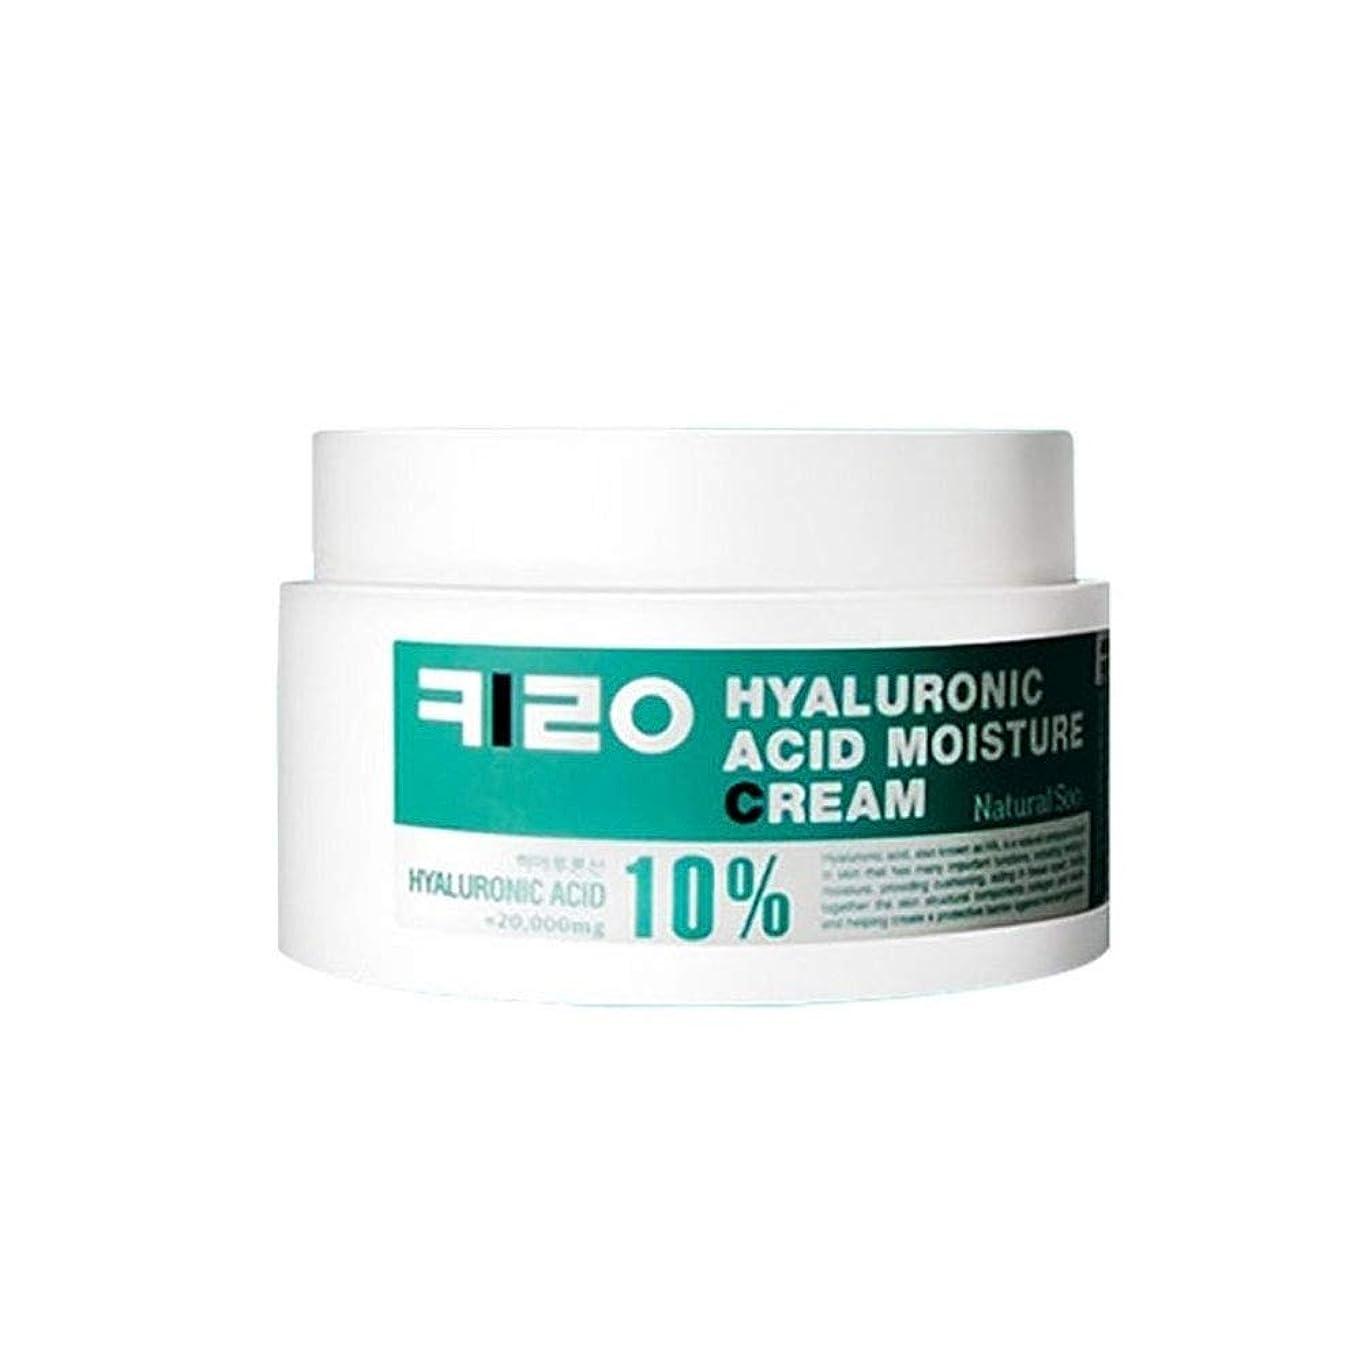 ファックス外交寄付ナチュラルSooキーロヒアルロン酸モイスチャークリーム200g韓国コスメ、Natural Soo Hyaluronic Acid Moisture Cream 200g Korean Cosmetics [並行輸入品]